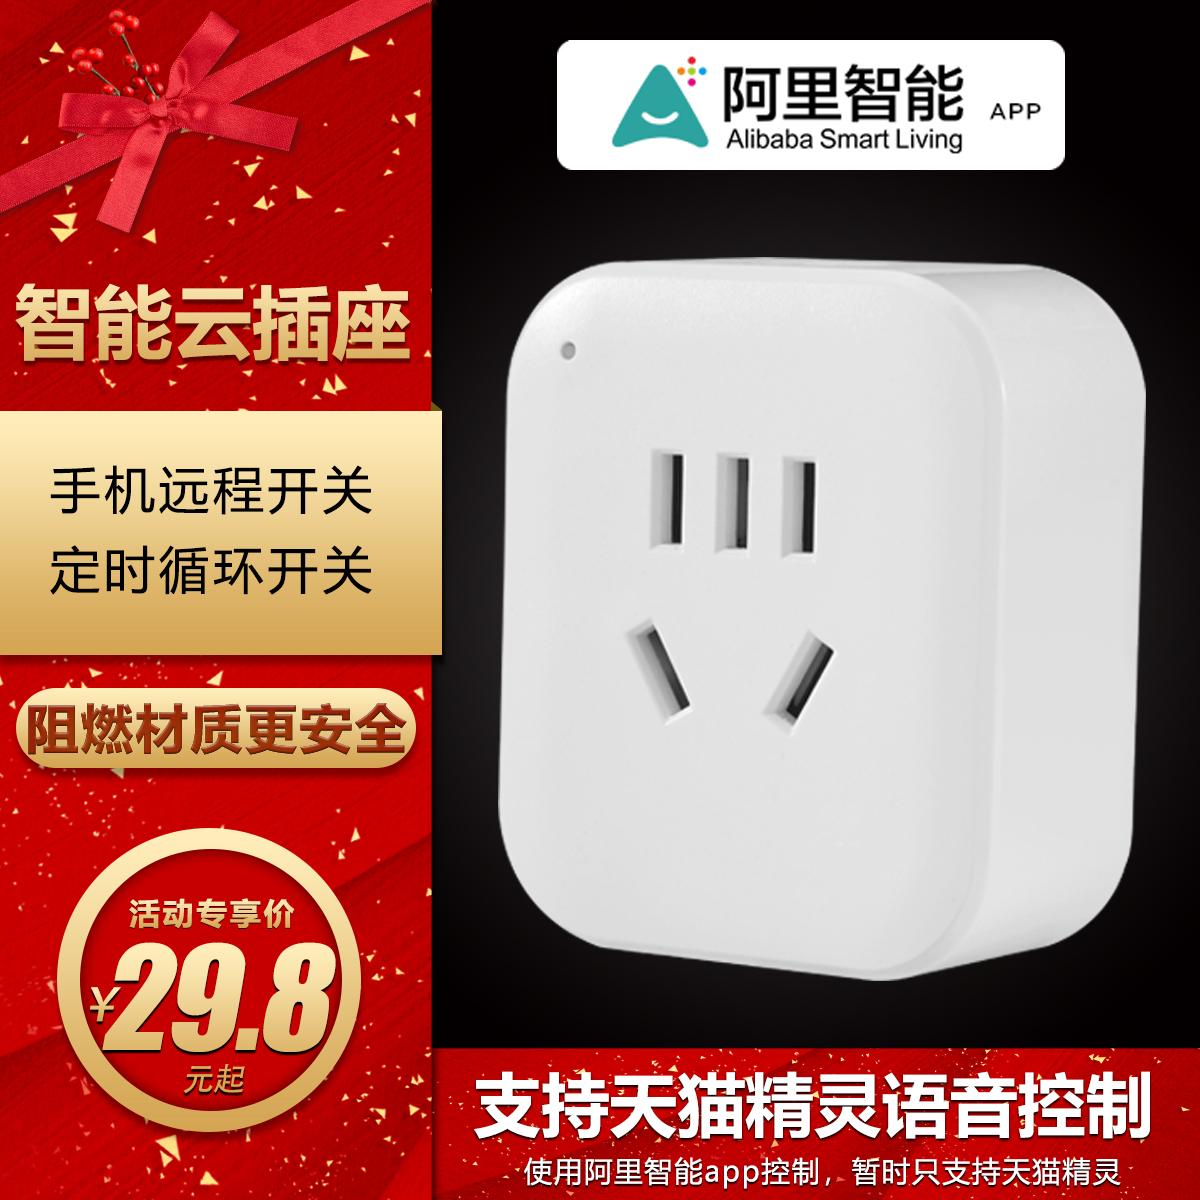 阿里智能插座wifi天猫精灵插排家用手机远程遥控定时器开关控制16